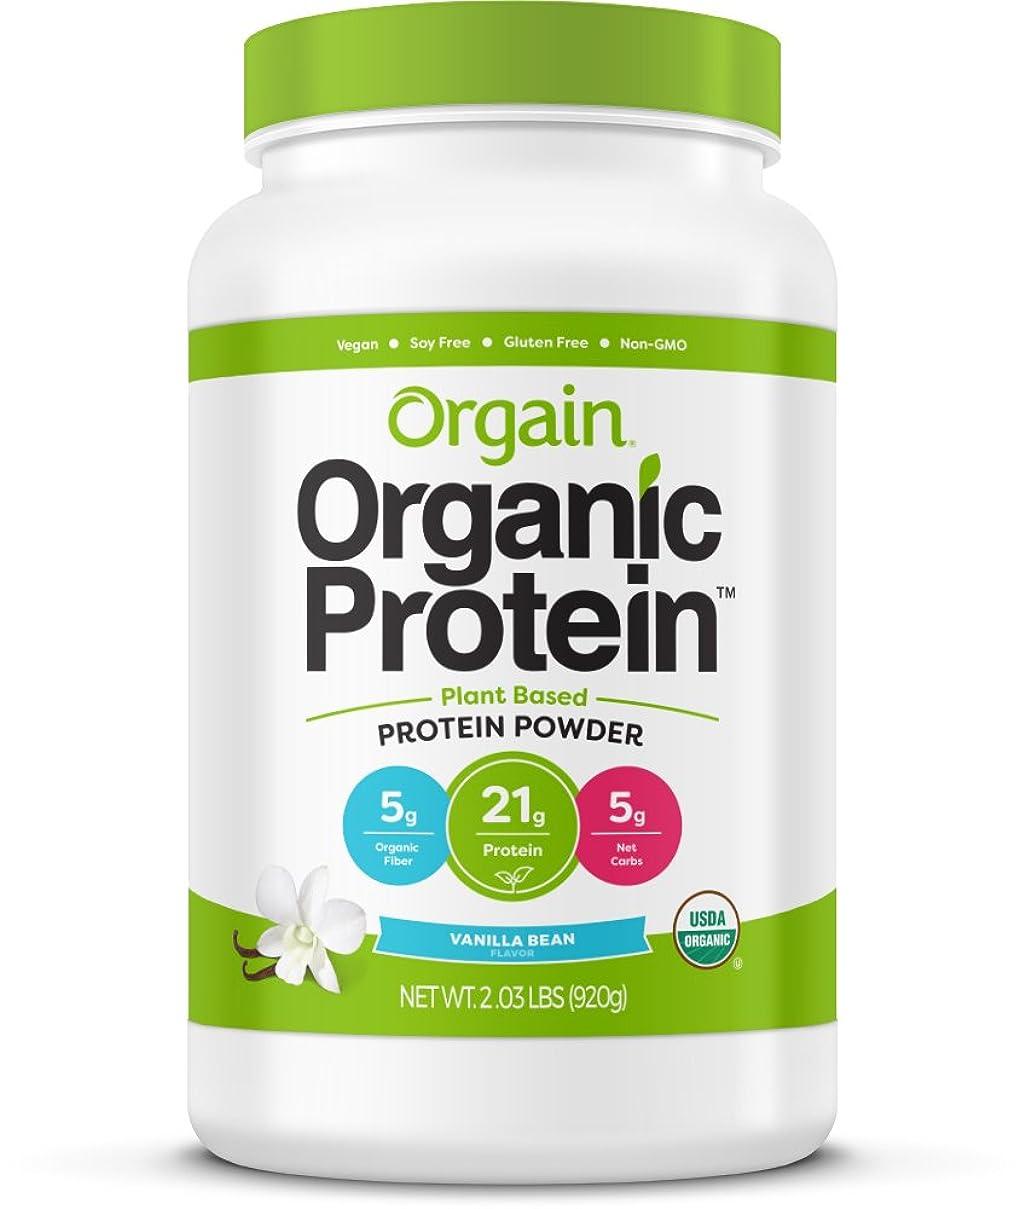 疑い者面白いページOrgain 植物性有機プロテインパウダー 920g Organic Protein Plant Based Powder, Sweet Vanilla Bean 2.05 lb